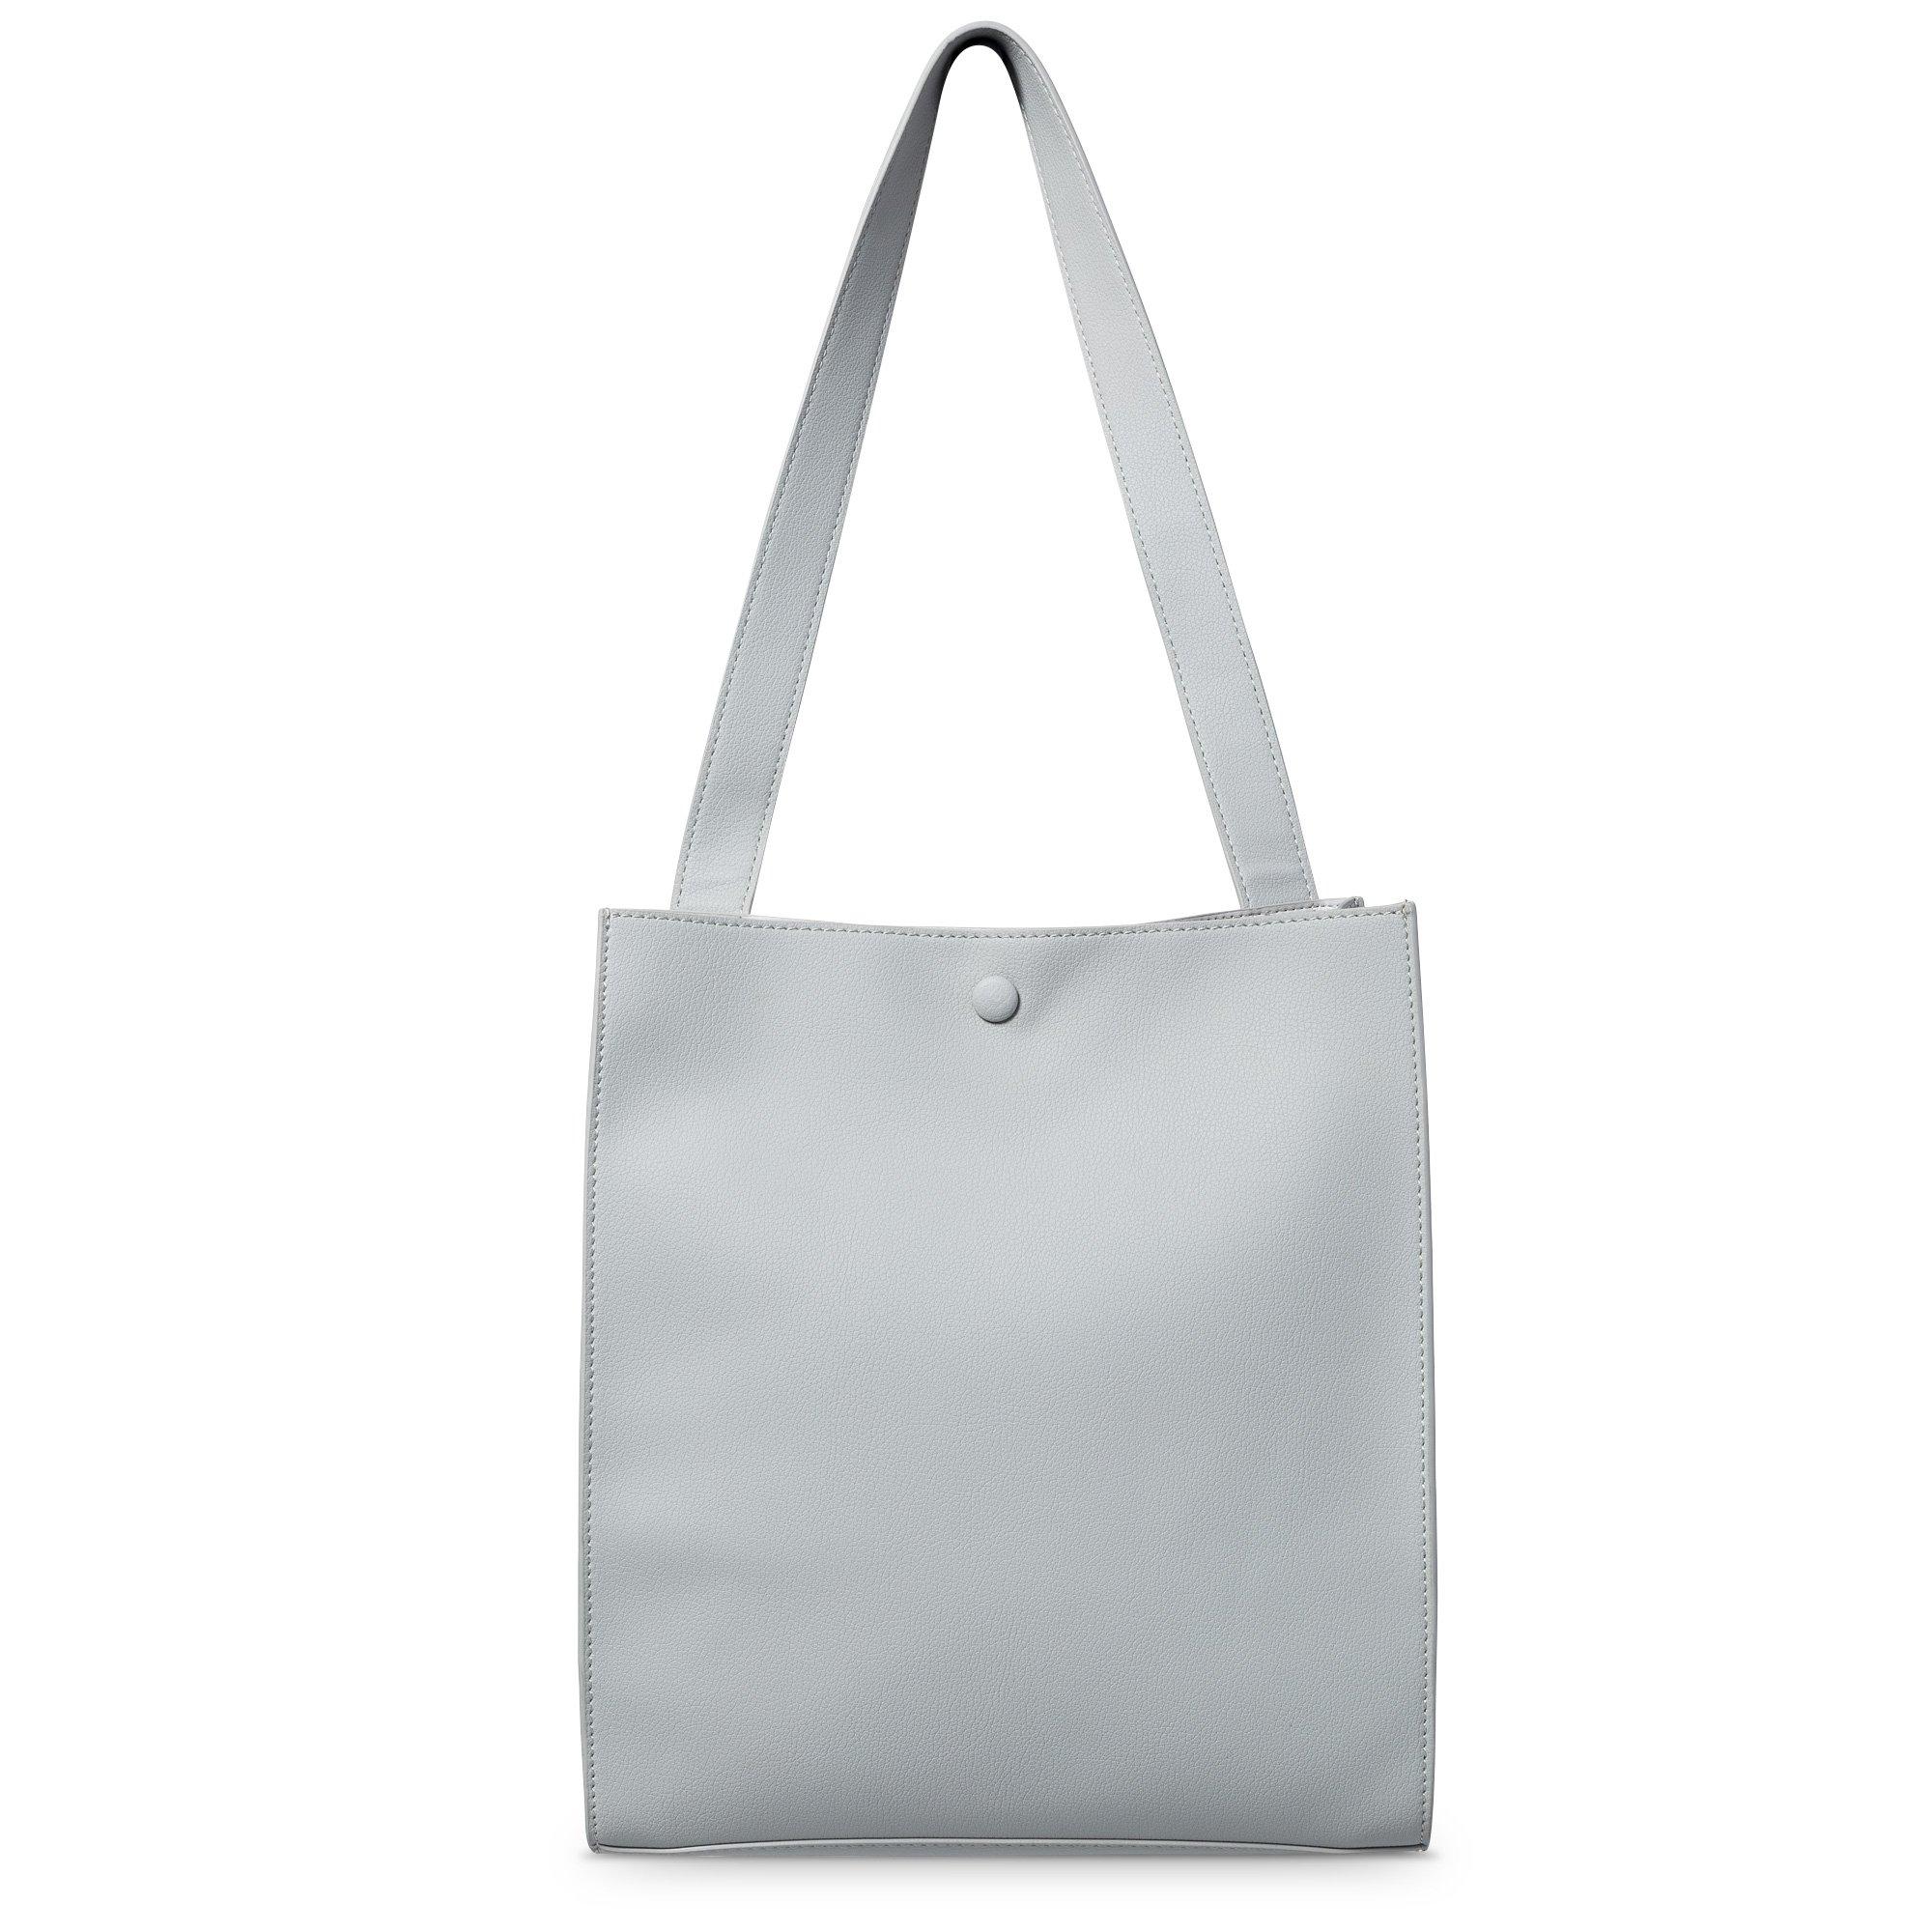 Bags | Accessories | Oliver Bonas - Oliver Bonas